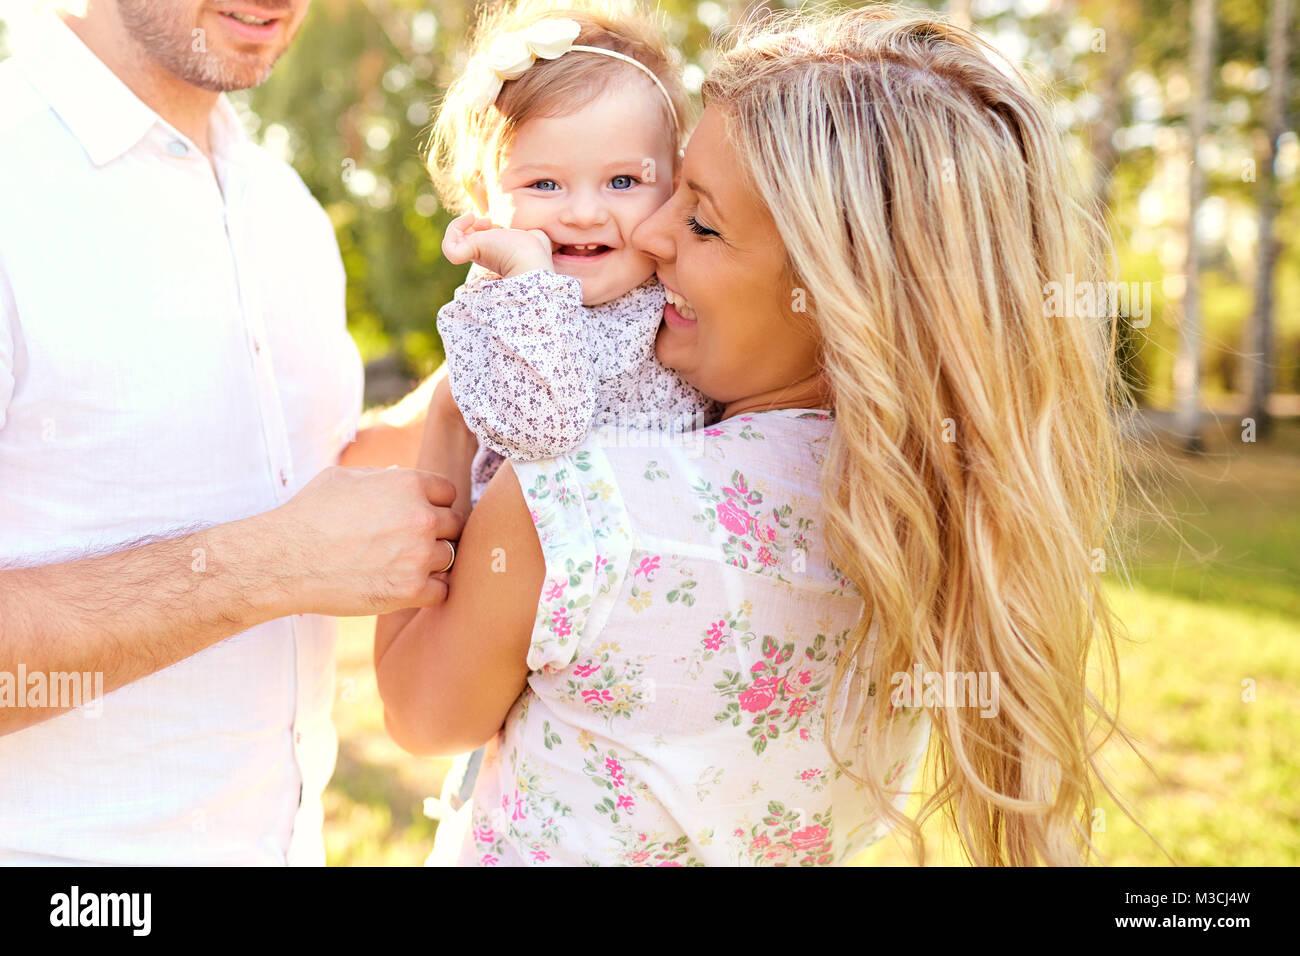 Glückliche Familie in einem Park im Sommer. Stockfoto